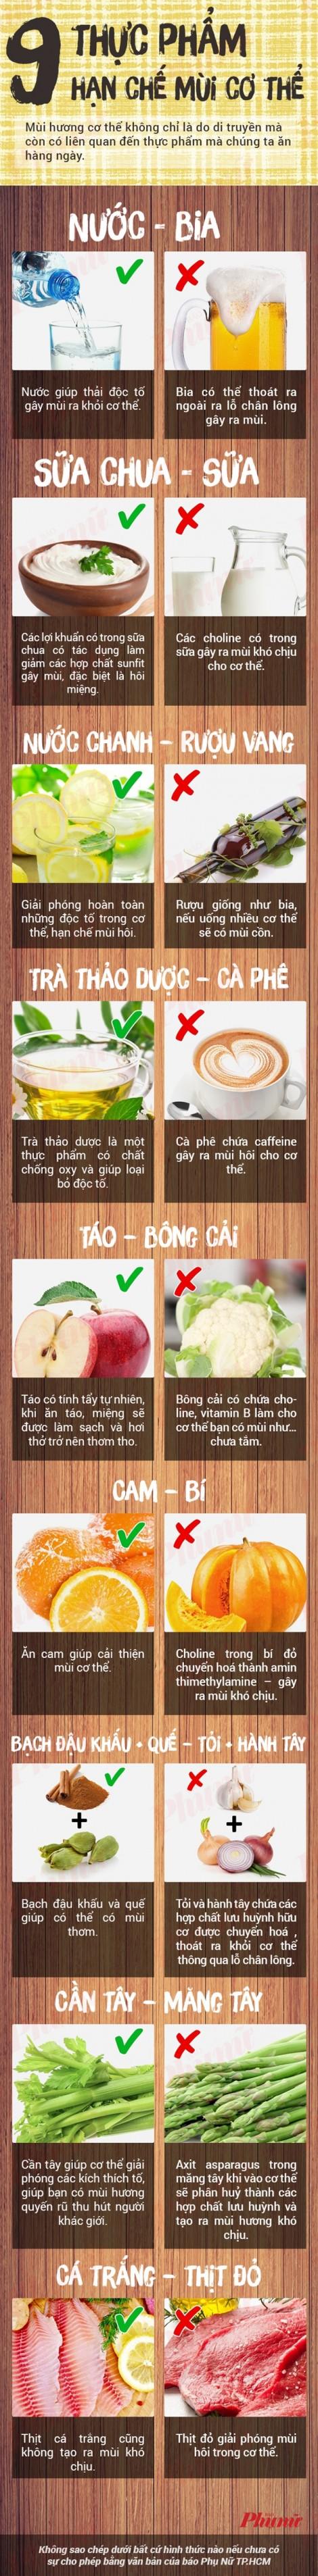 9 thực phẩm giúp hạn chế mùi cơ thể hiệu quả